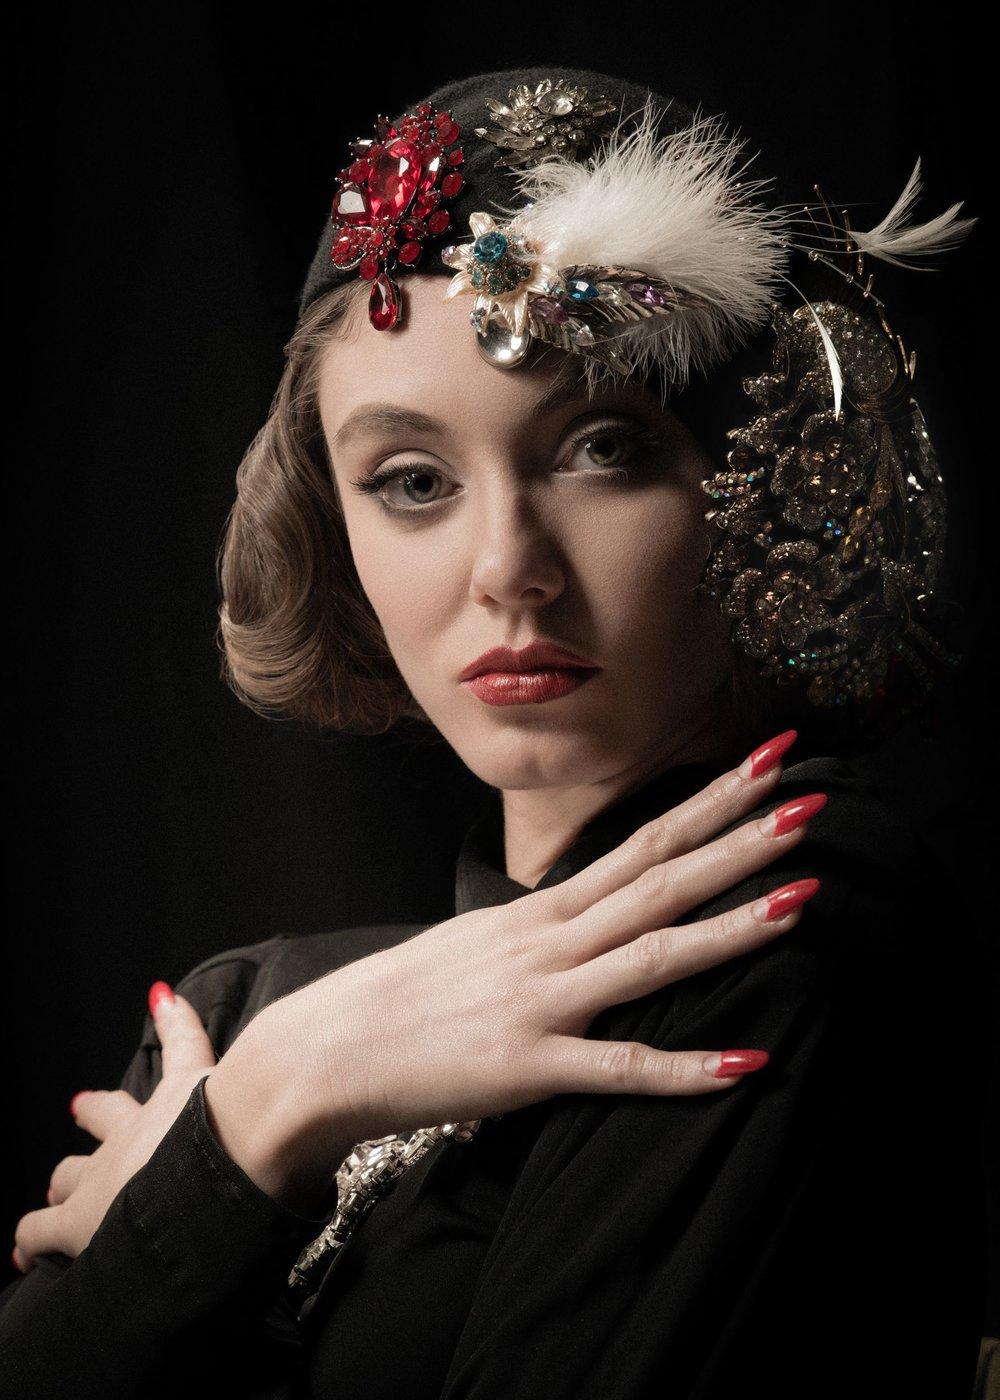 Dark Moody Beauty Photographers